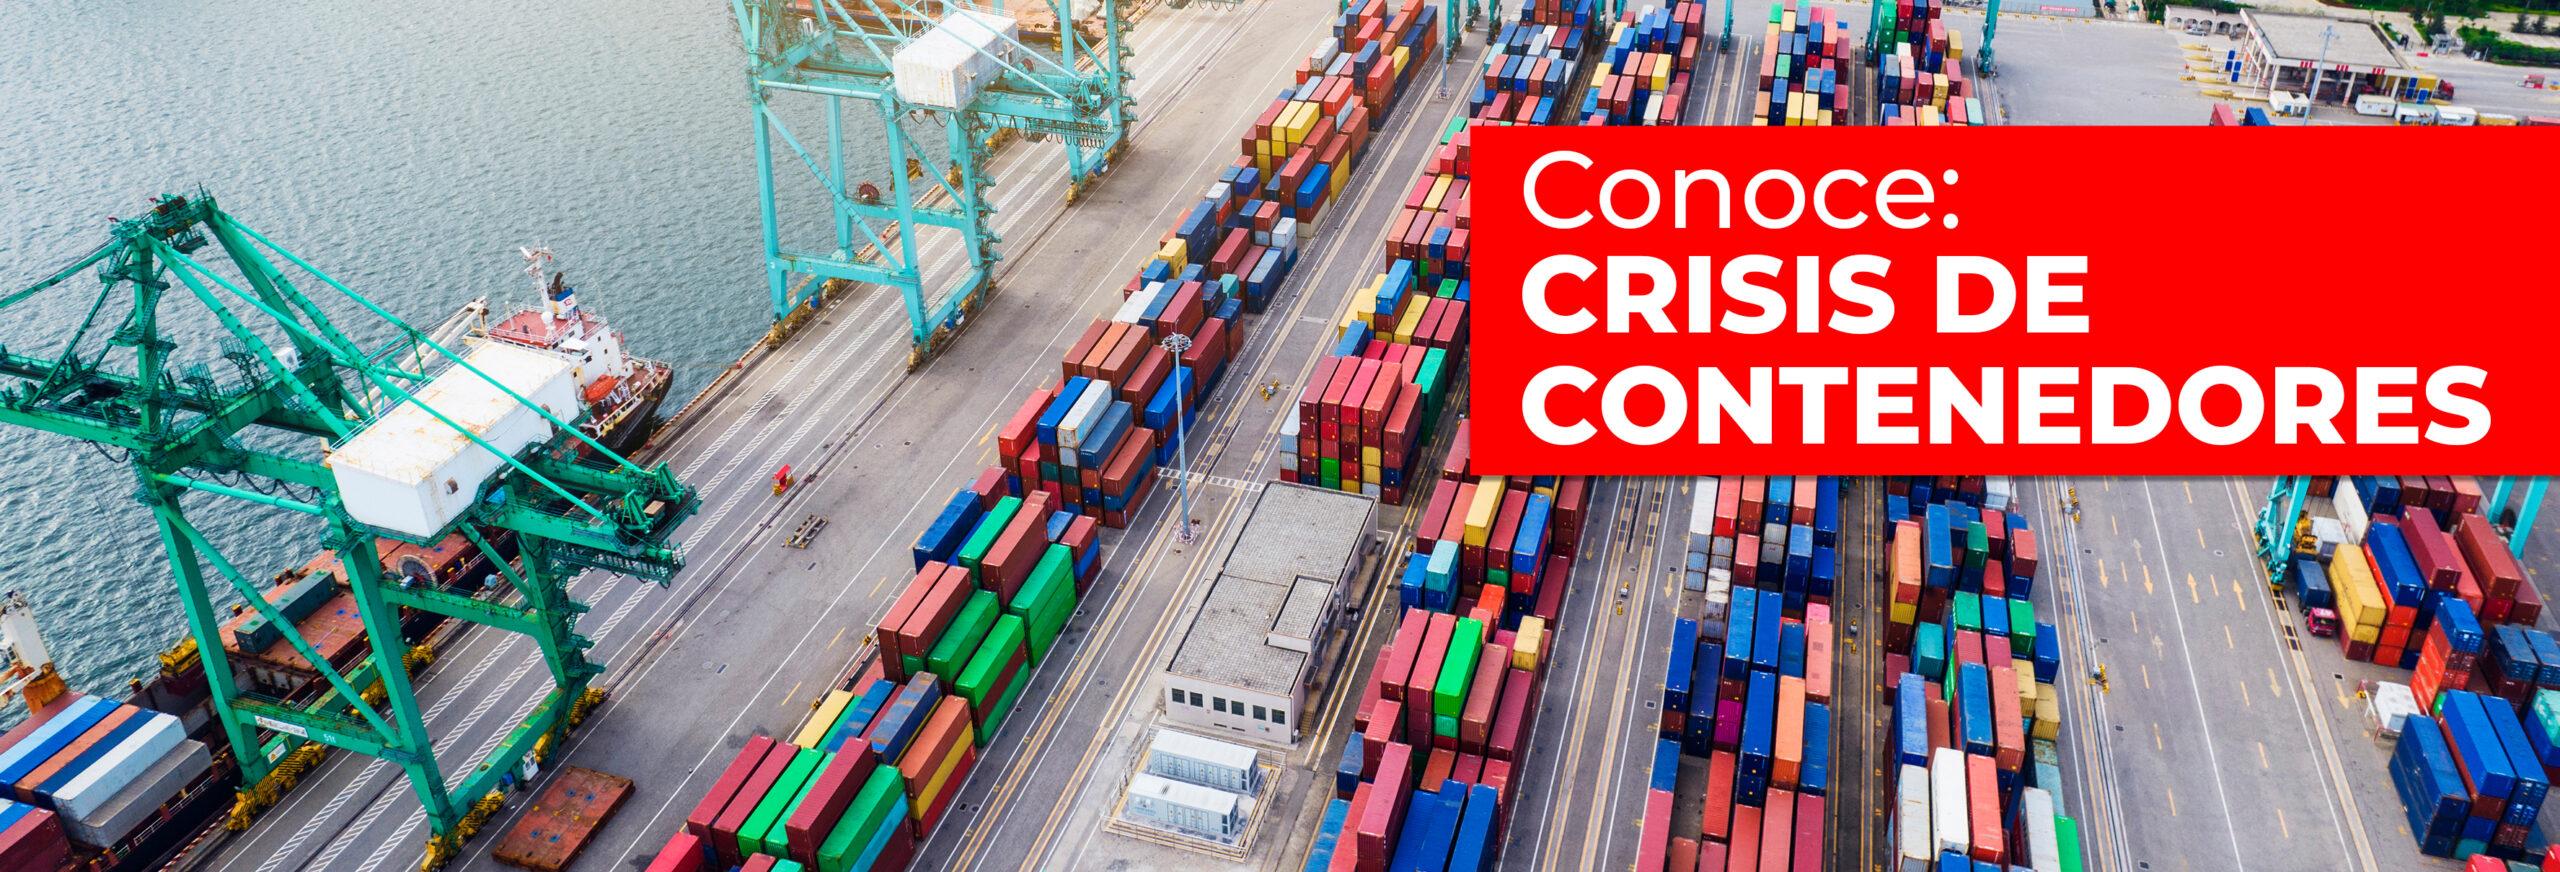 Crisis global por escasez de contenedores